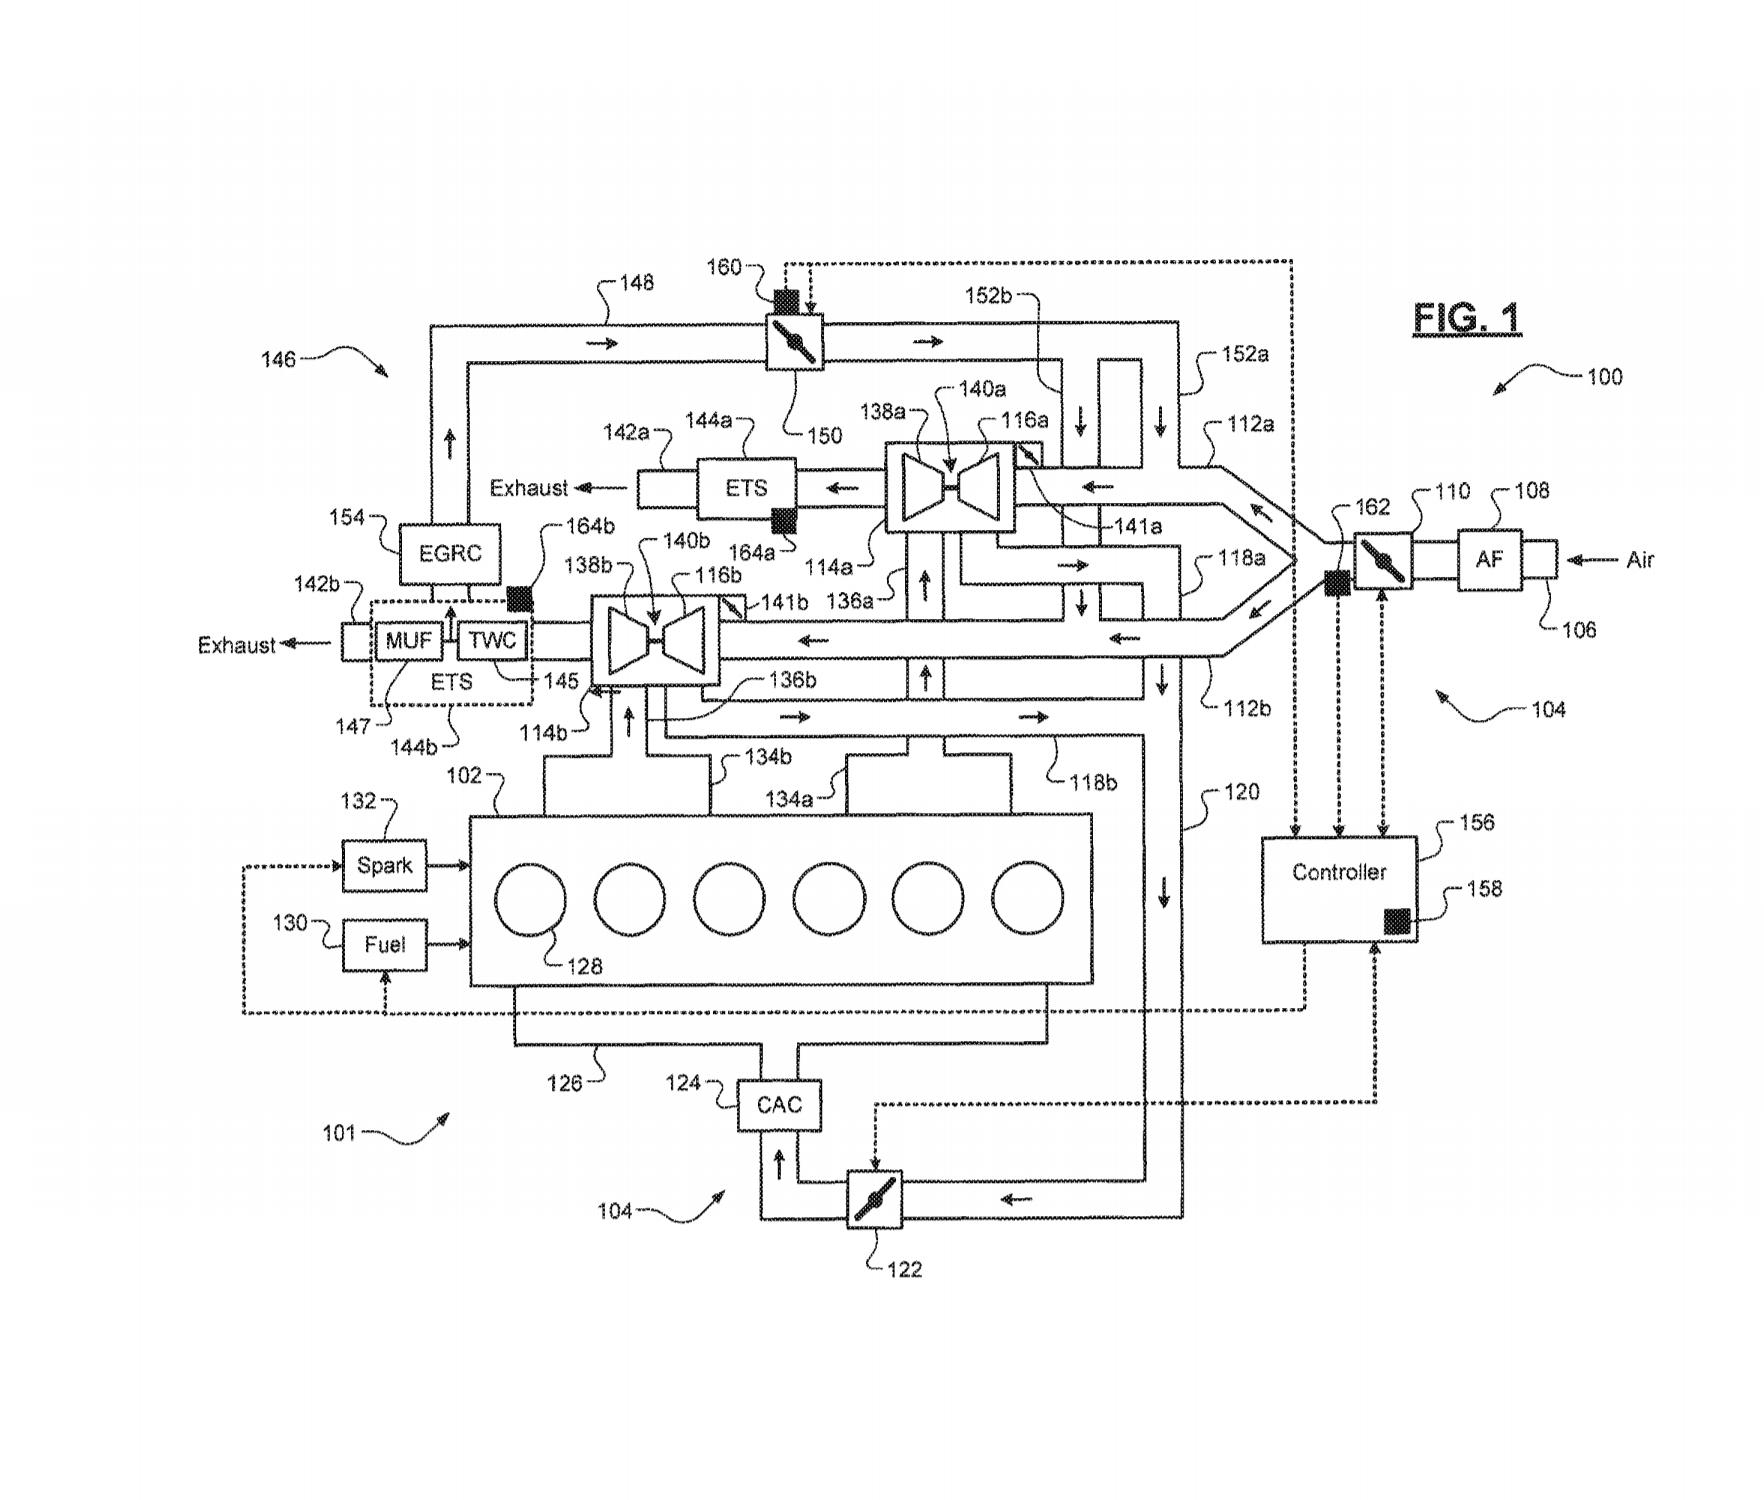 FCA motore turbo 6 cilindri in linea brevetto